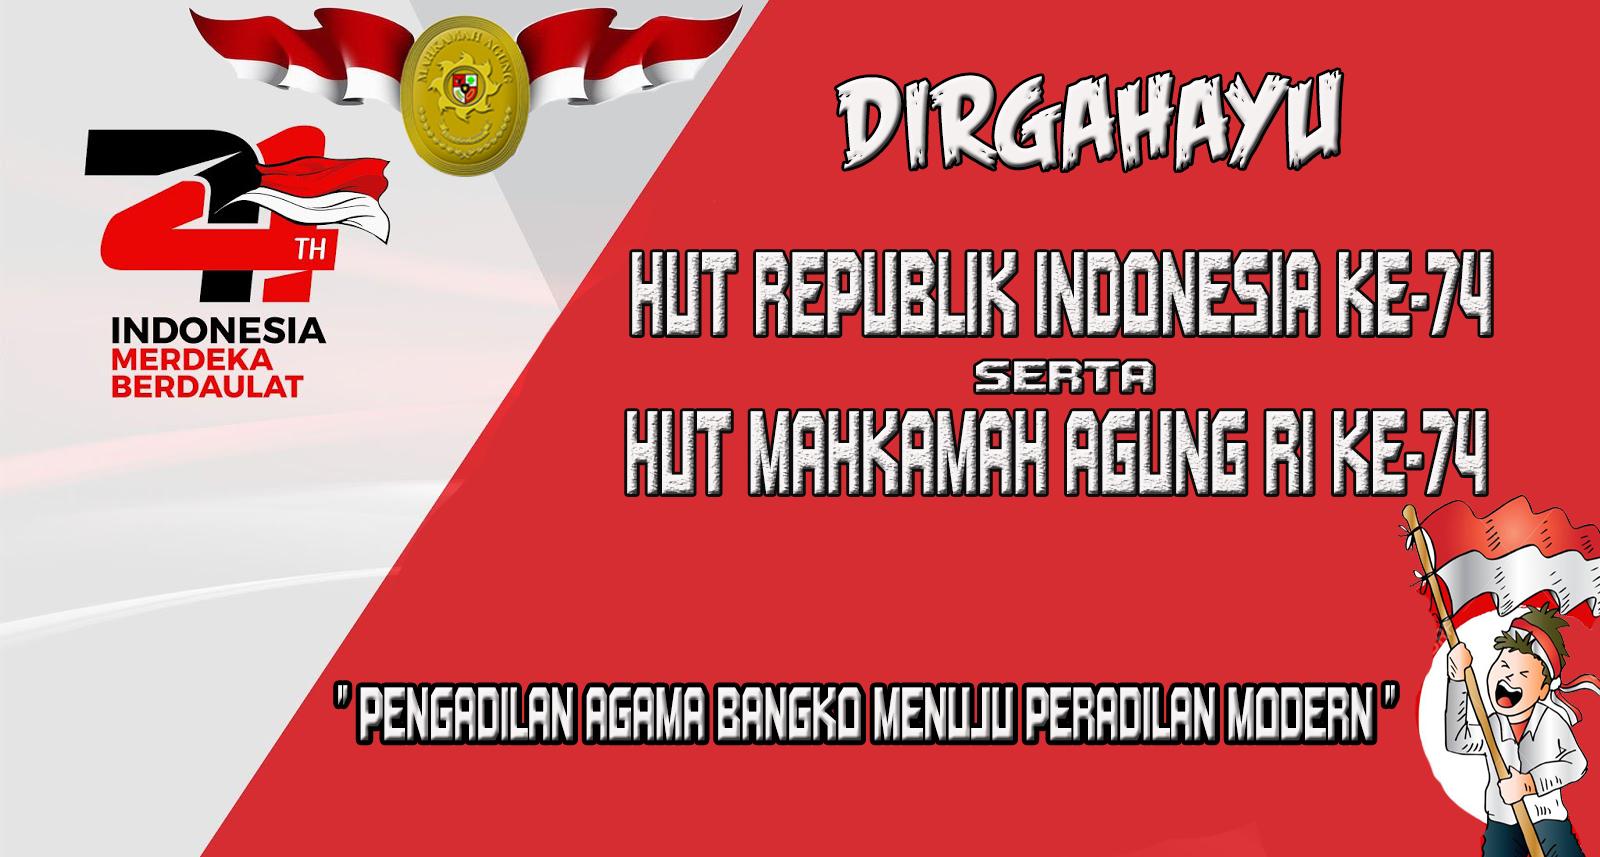 DIRGAHAYU REPUBLIK INDONESIA SERTA MAHKAMAH AGUNG RI KE-74